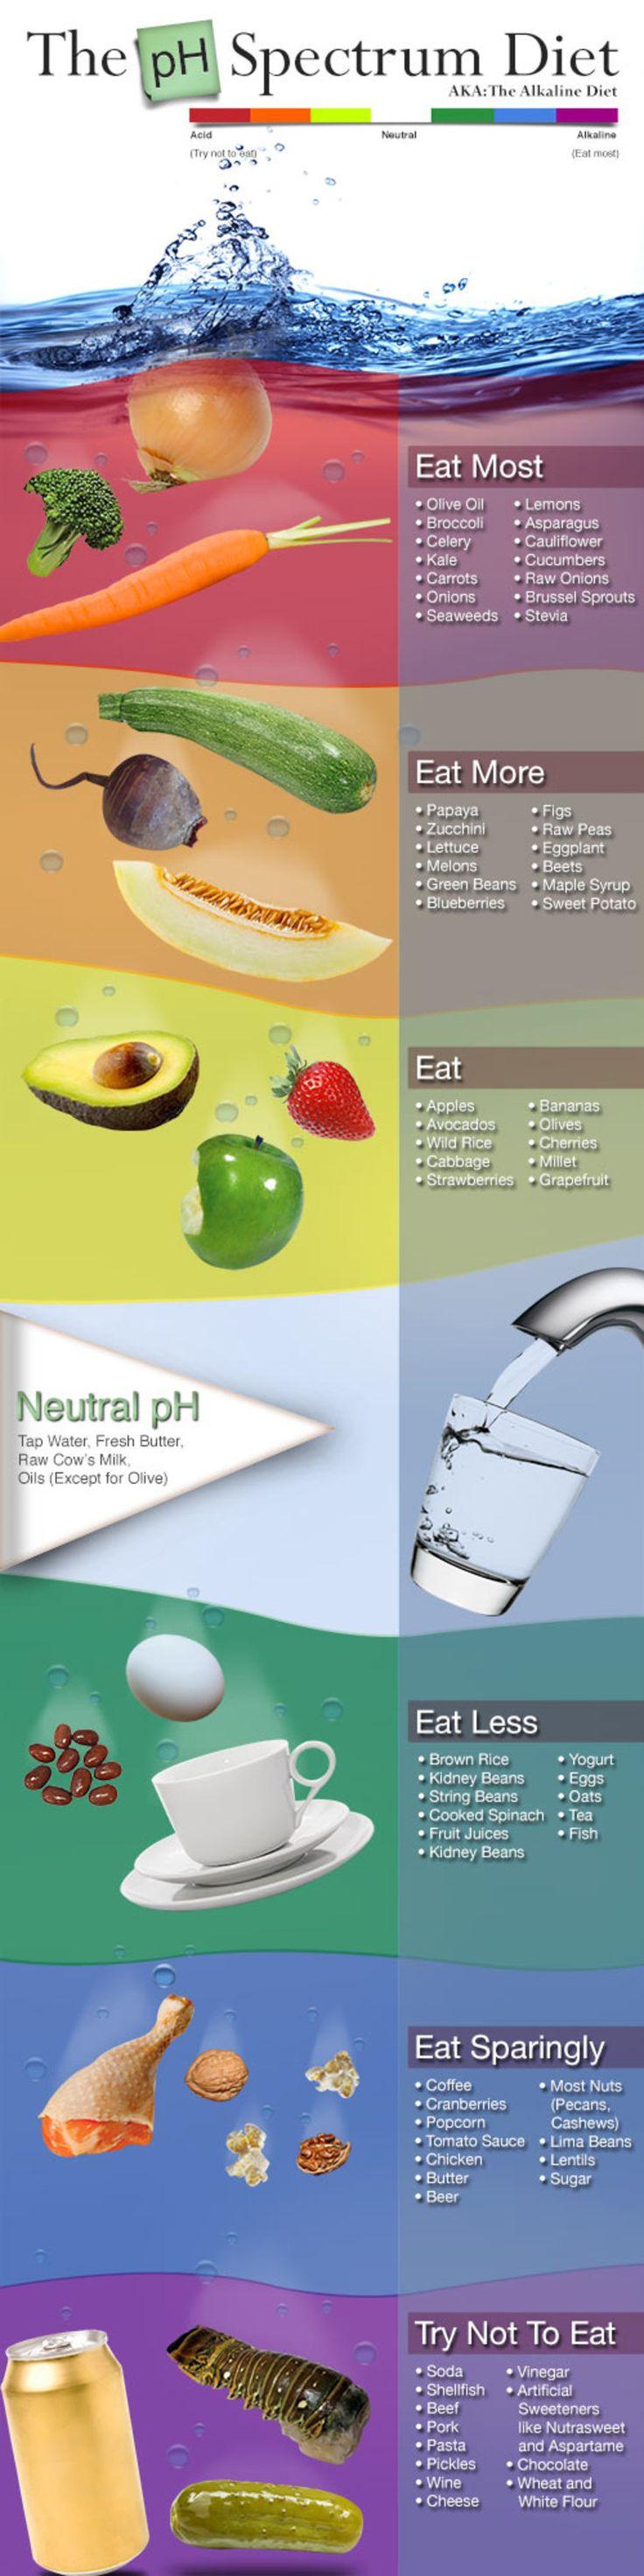 PICTORIAL: The pH Spectrum Diet